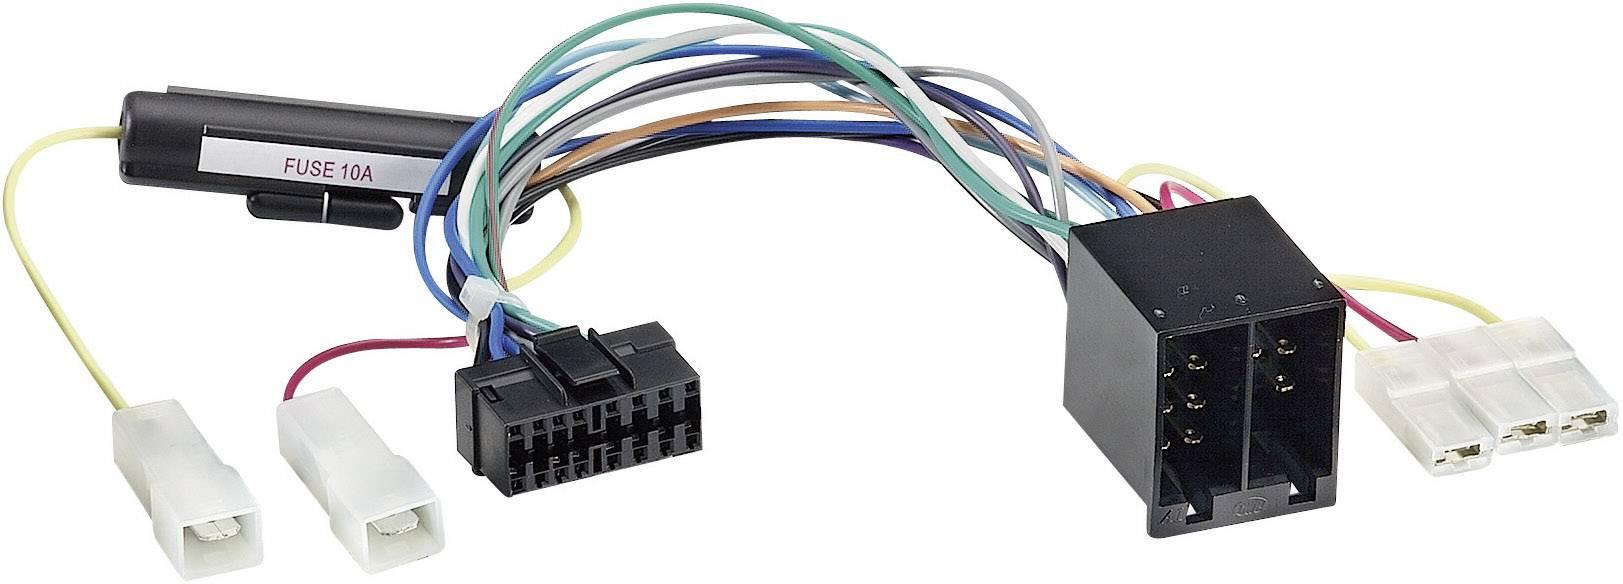 ISO adaptérový kábel pre autorádio AIV 51C612 vhodný pre autorádia Sony